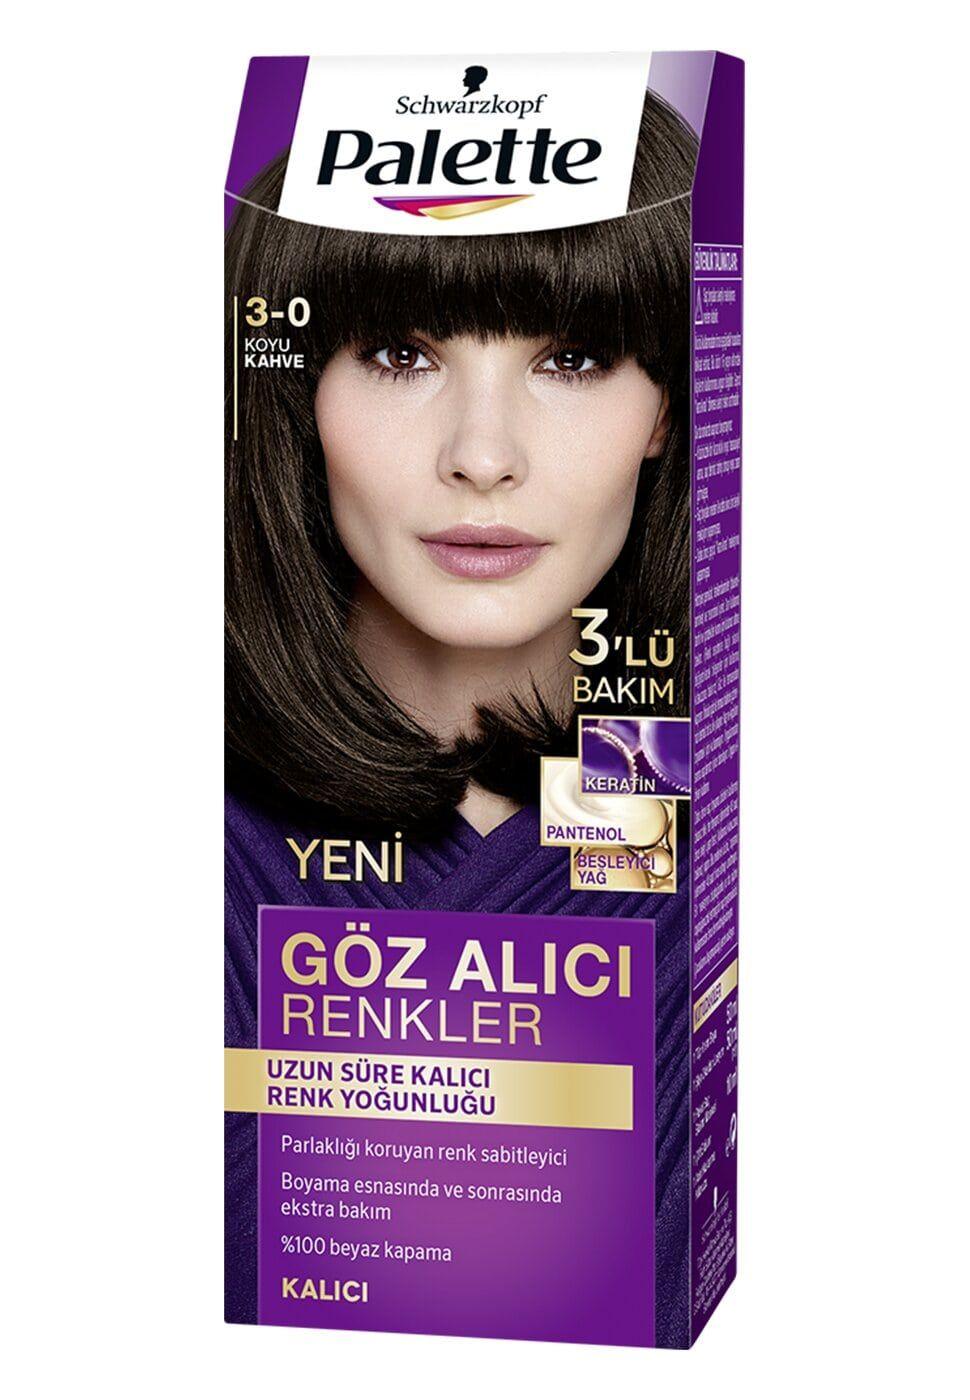 Schwarzkopf Palette Yogun Goz Alici Renkler Sac Boyasi 3 0 Koyu